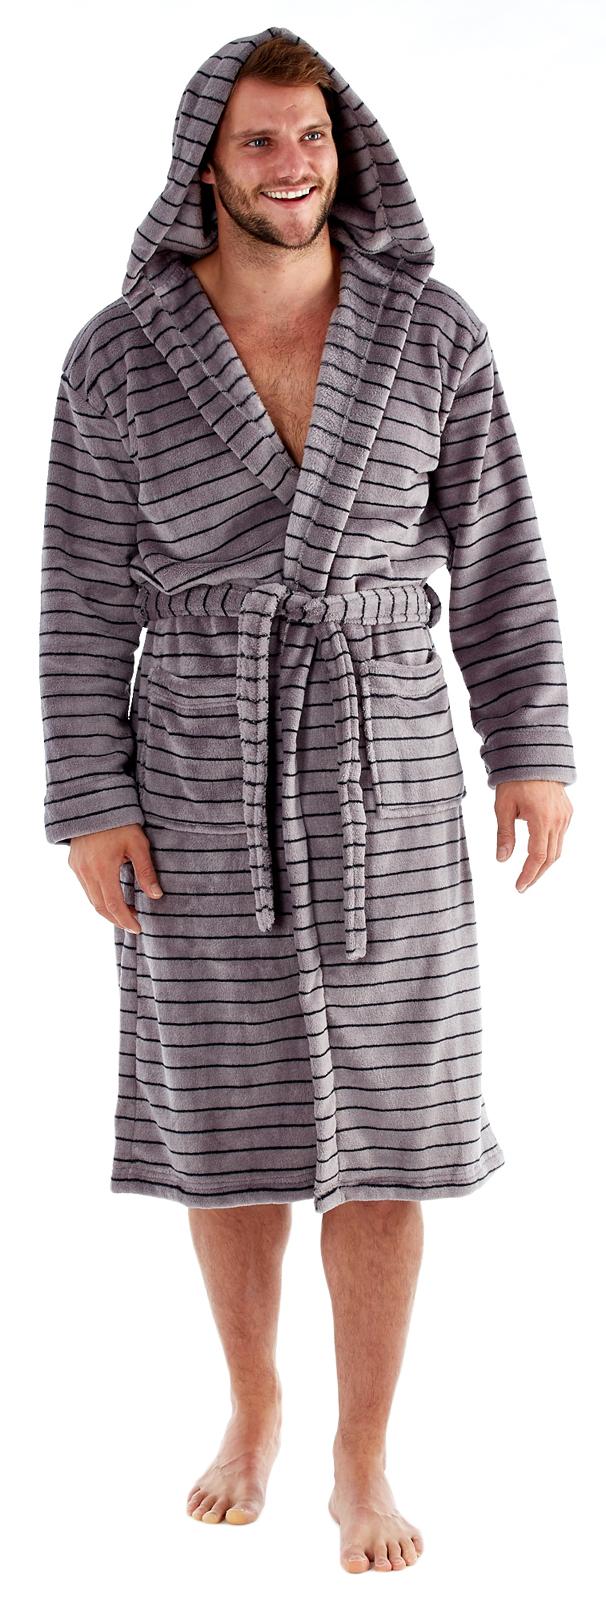 Luxury Mens Robe Winter Warm Fleece Dressing Gown Bathrobe Housecoat ...